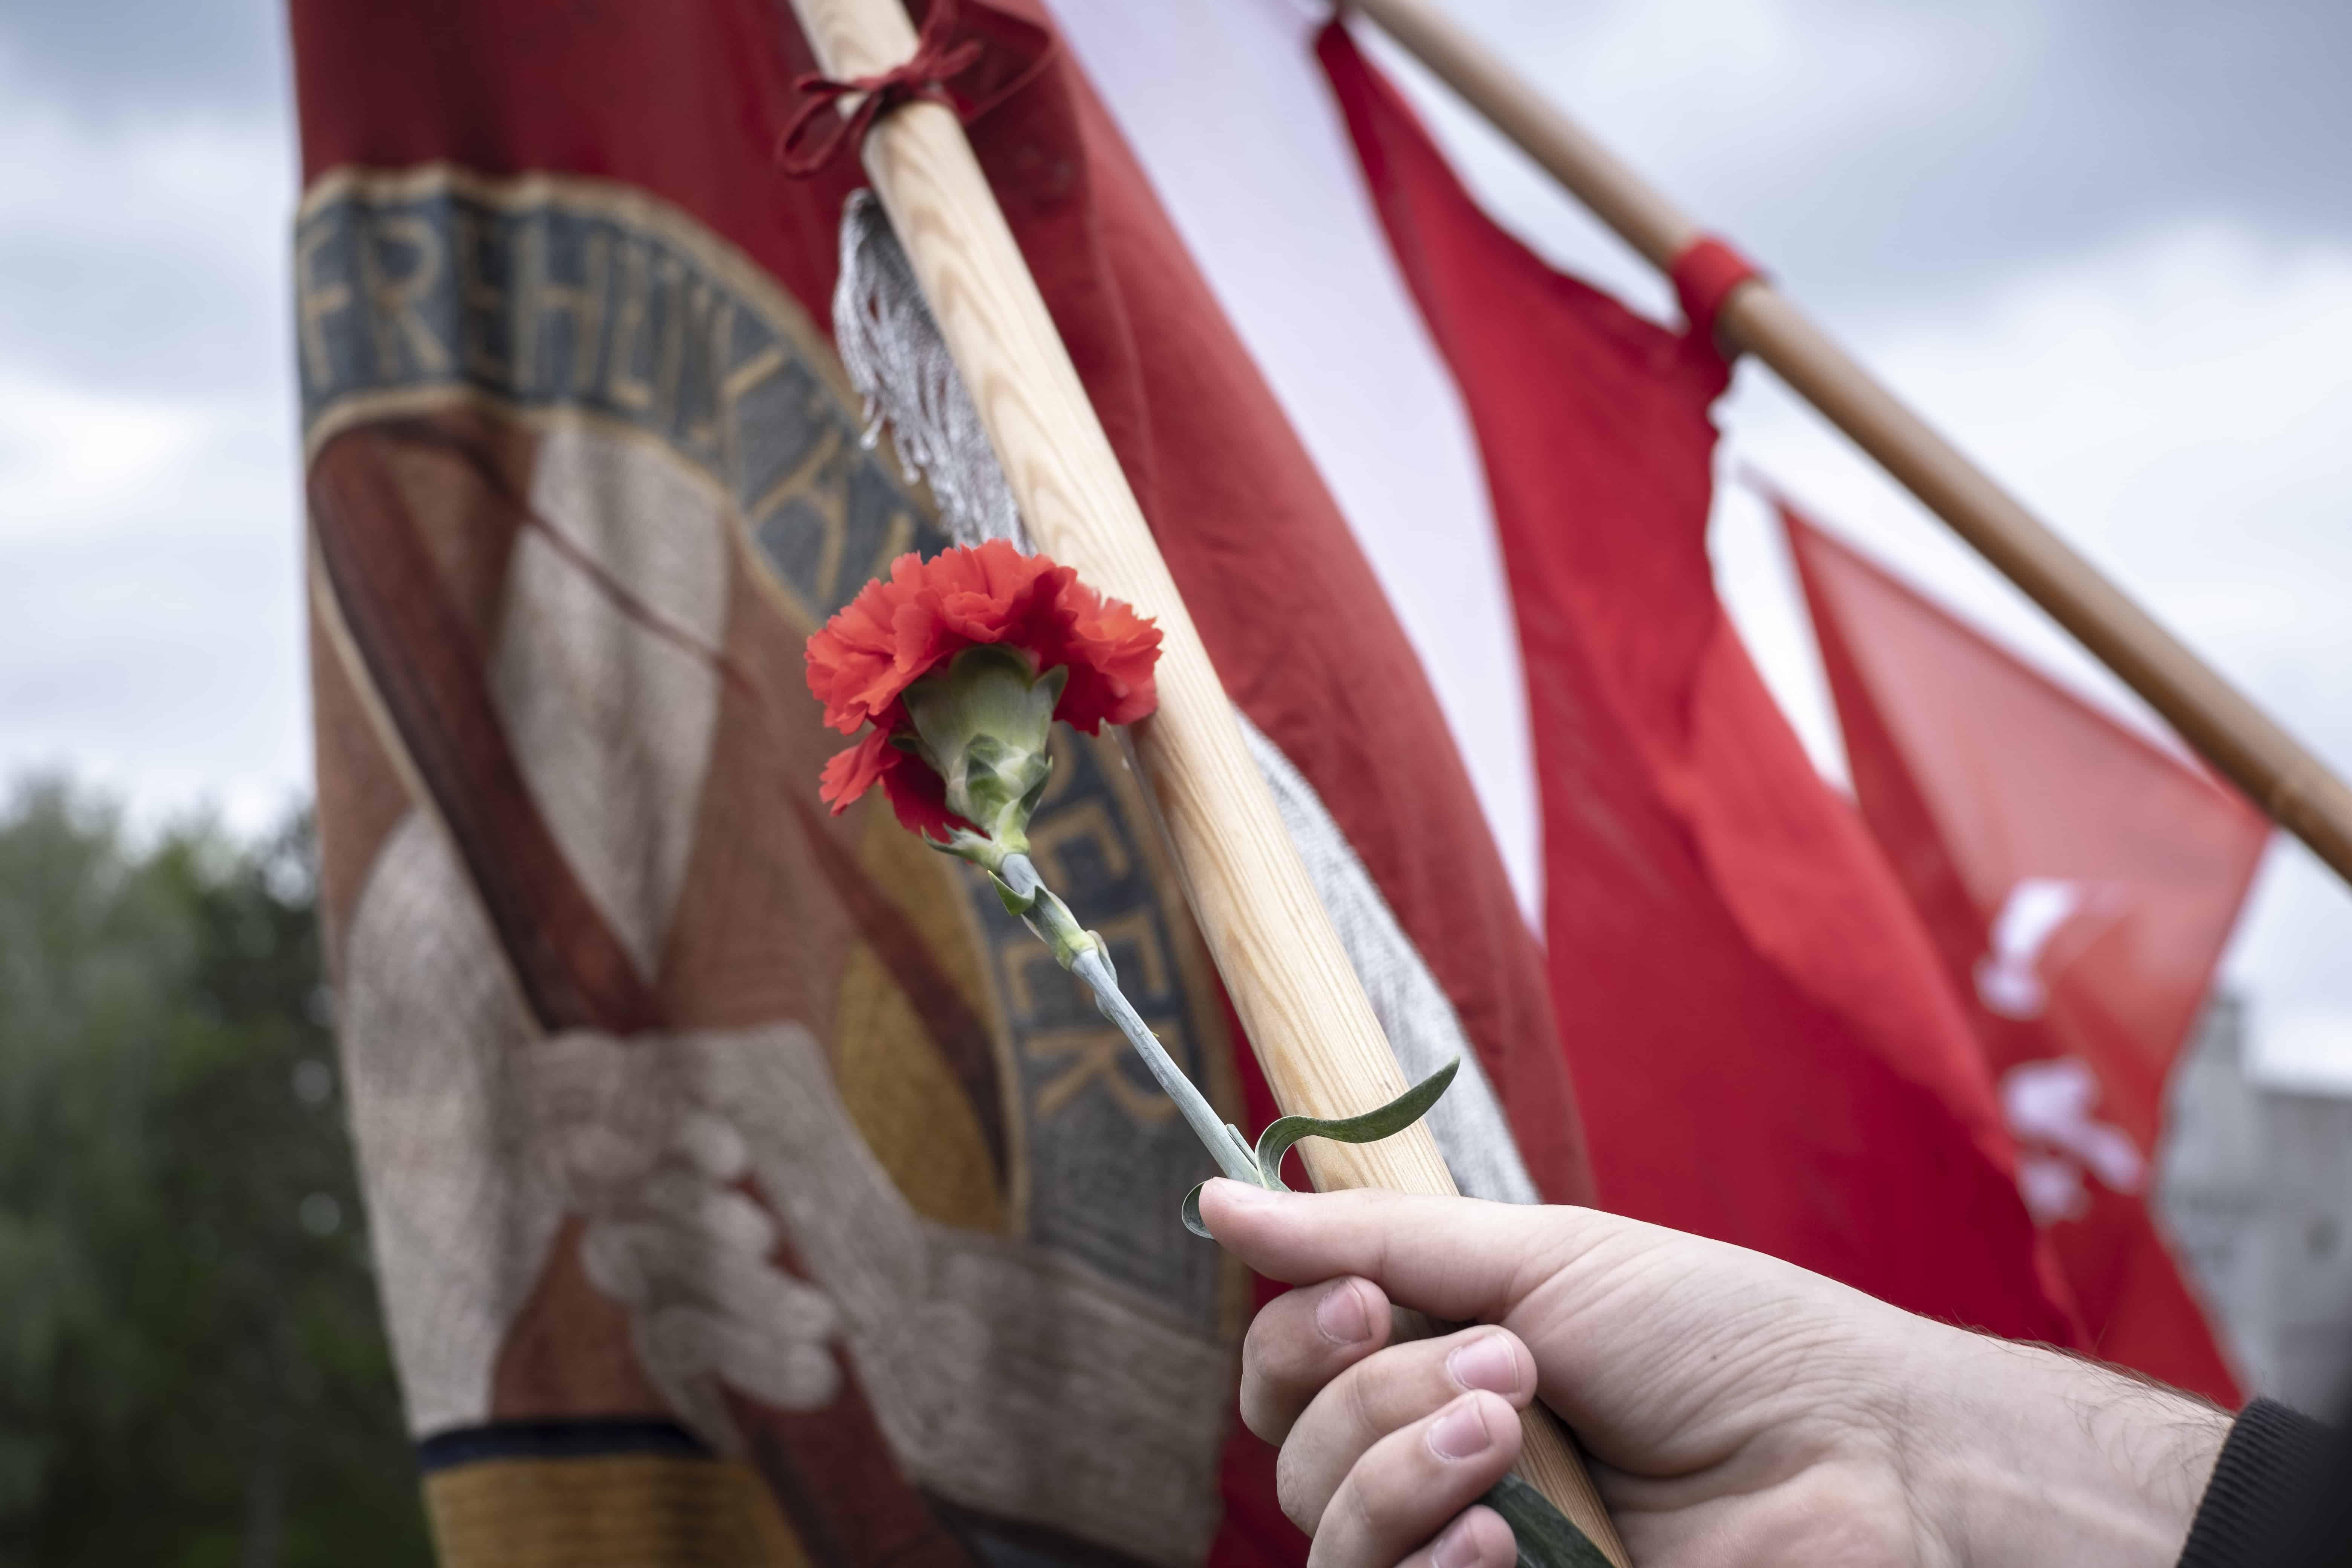 Bild mit roteln FAhnen und einer Hand mit einer roten Nelke i